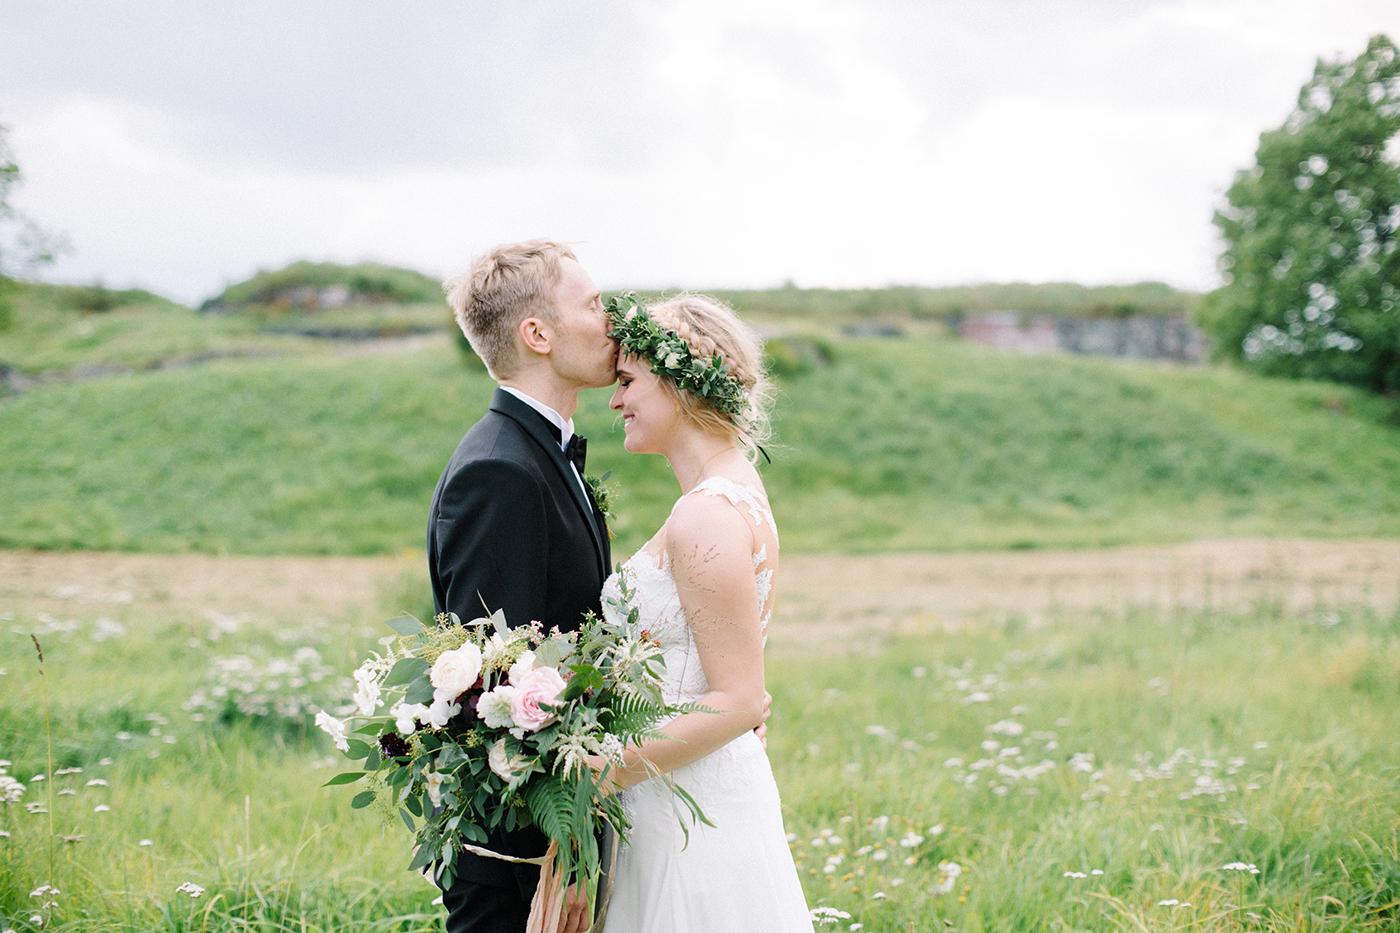 Indie Glam Wedding Tenalji von Fersen Suomenlinna (62).jpg